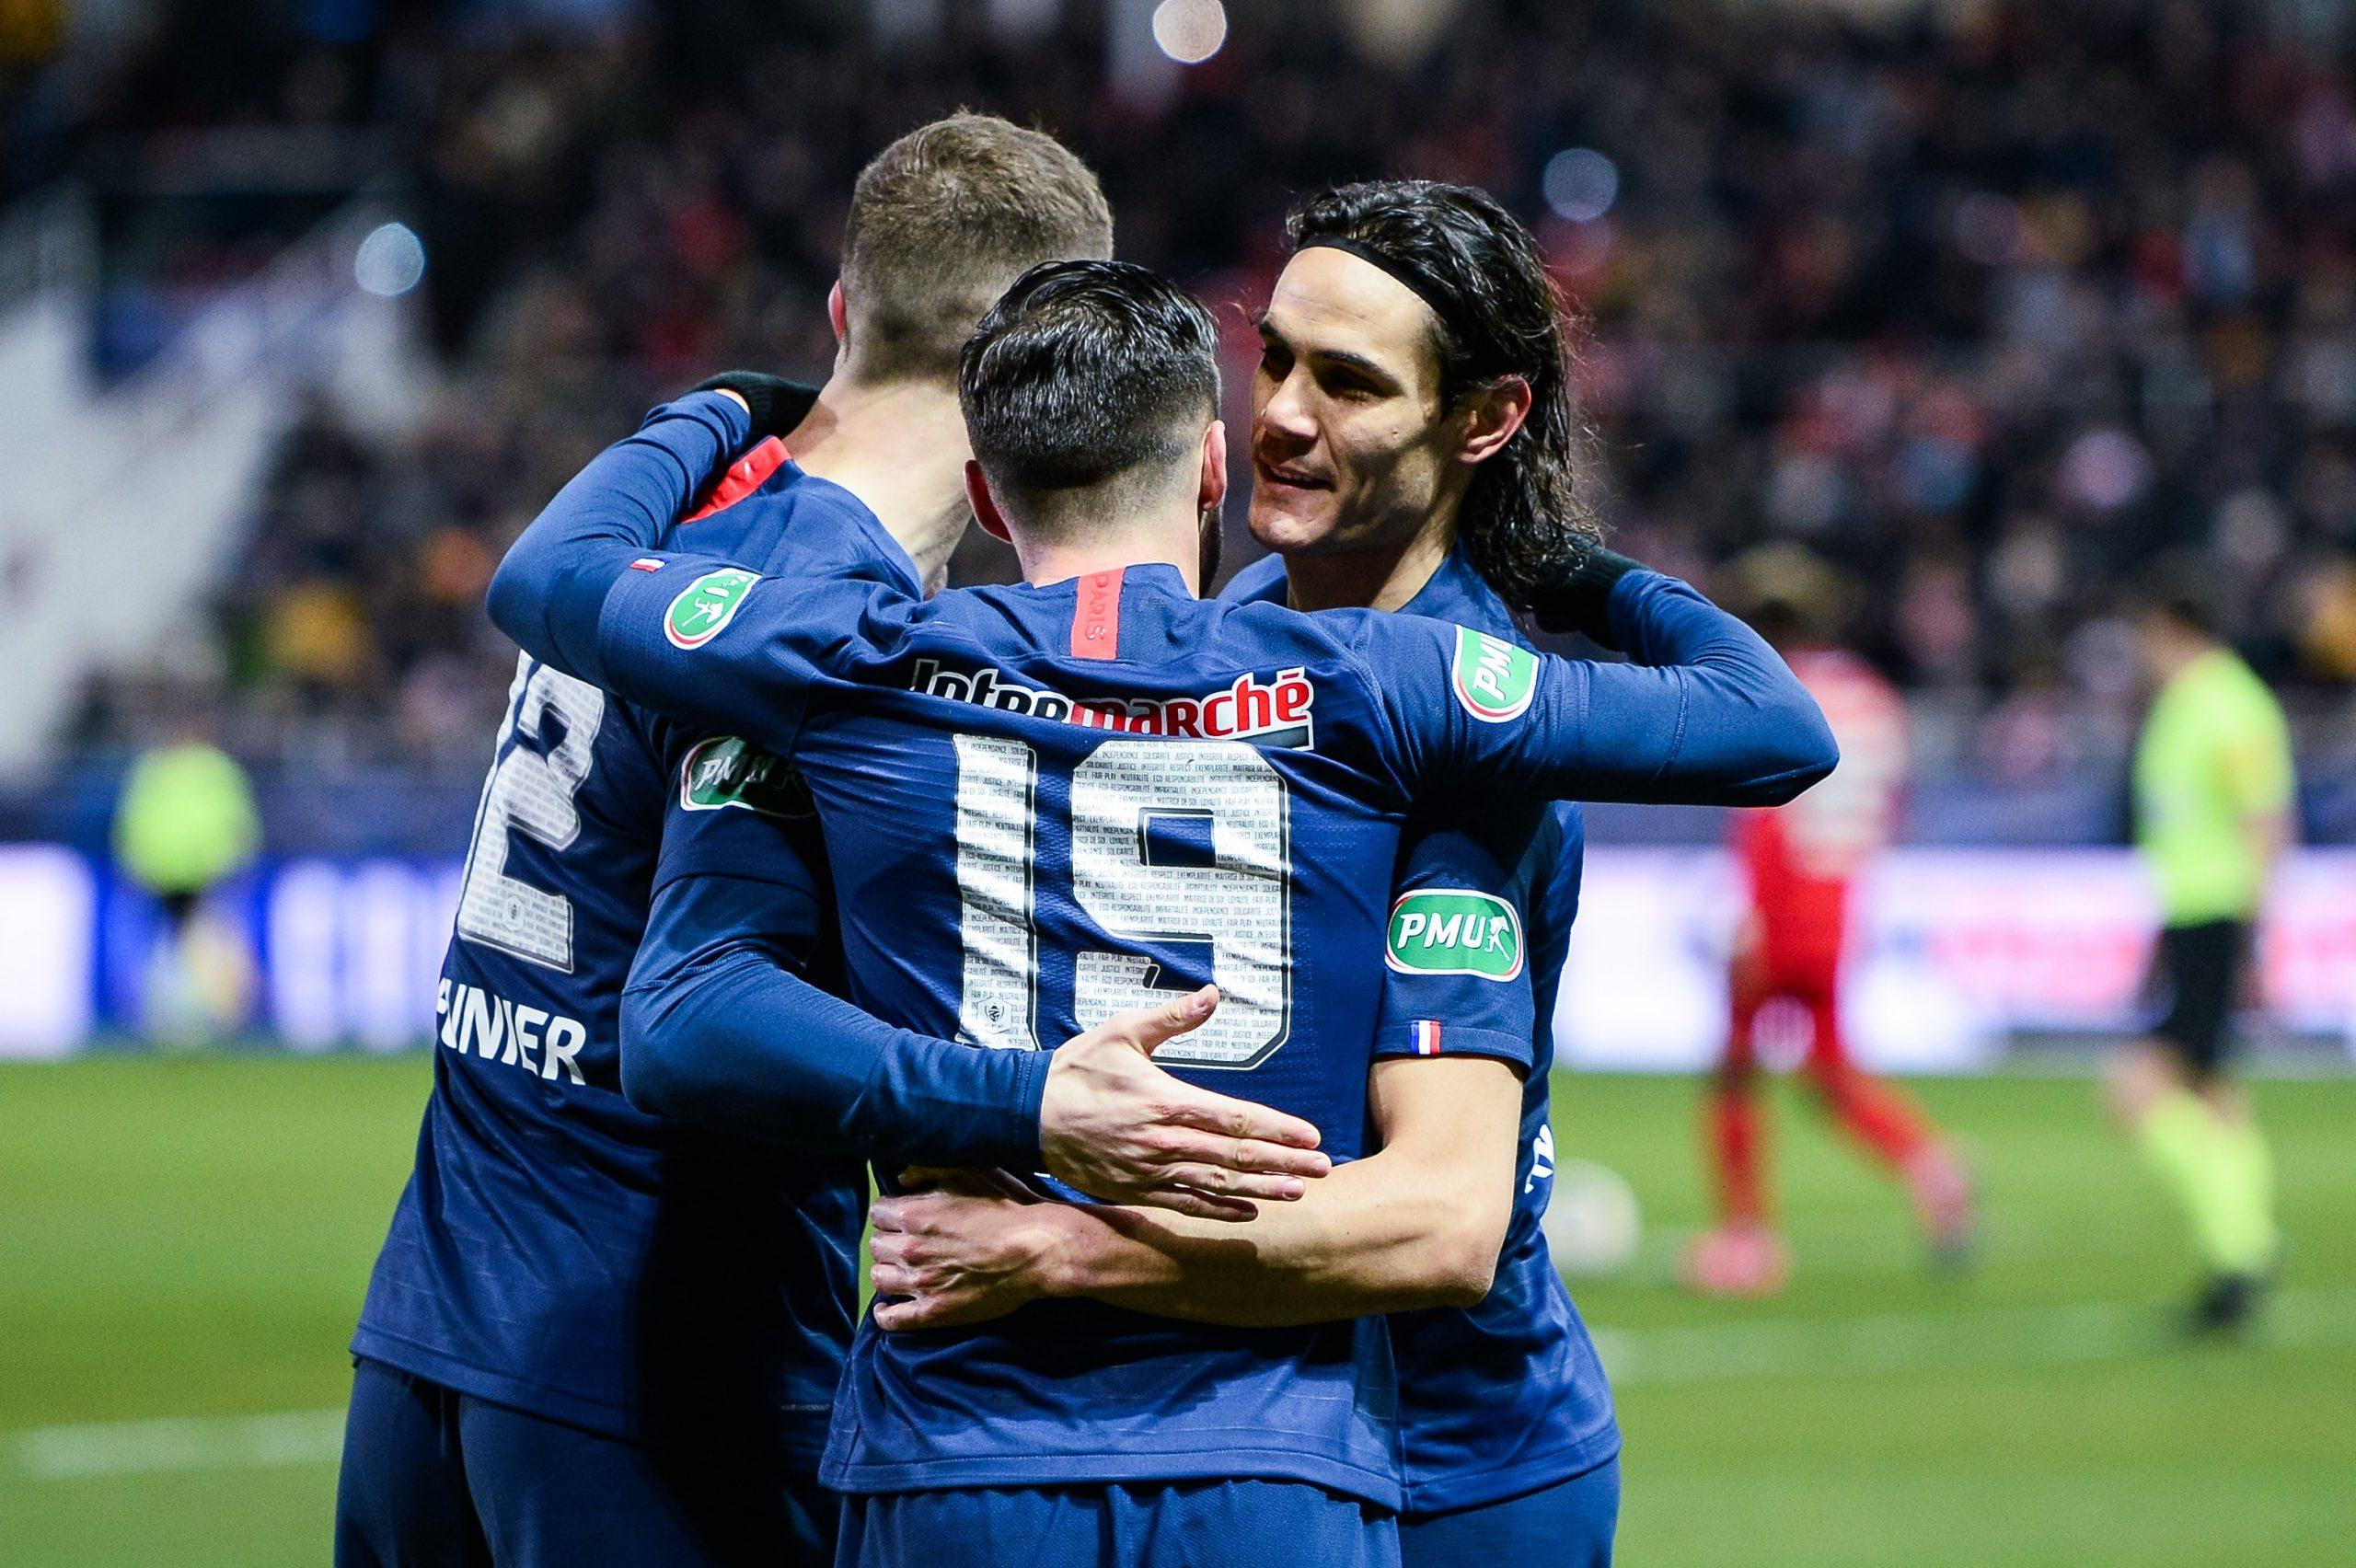 Dijon/PSG - Les notes des Parisiens dans la presse : Sarabia homme du match, 3 joueurs en difficulté